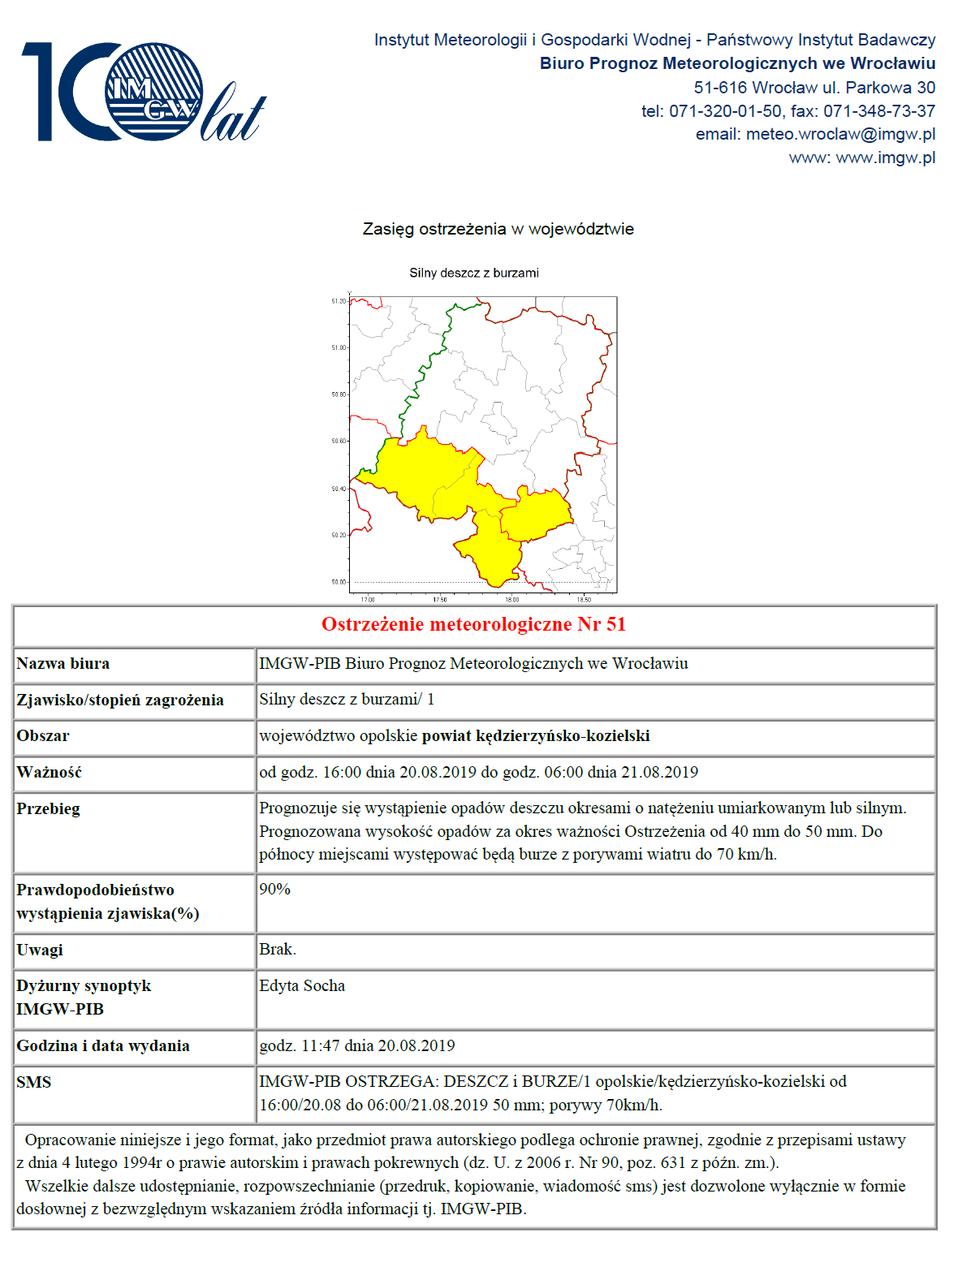 Ostrzeżenie meteorologiczne nr 51 z 20.08.2019.png